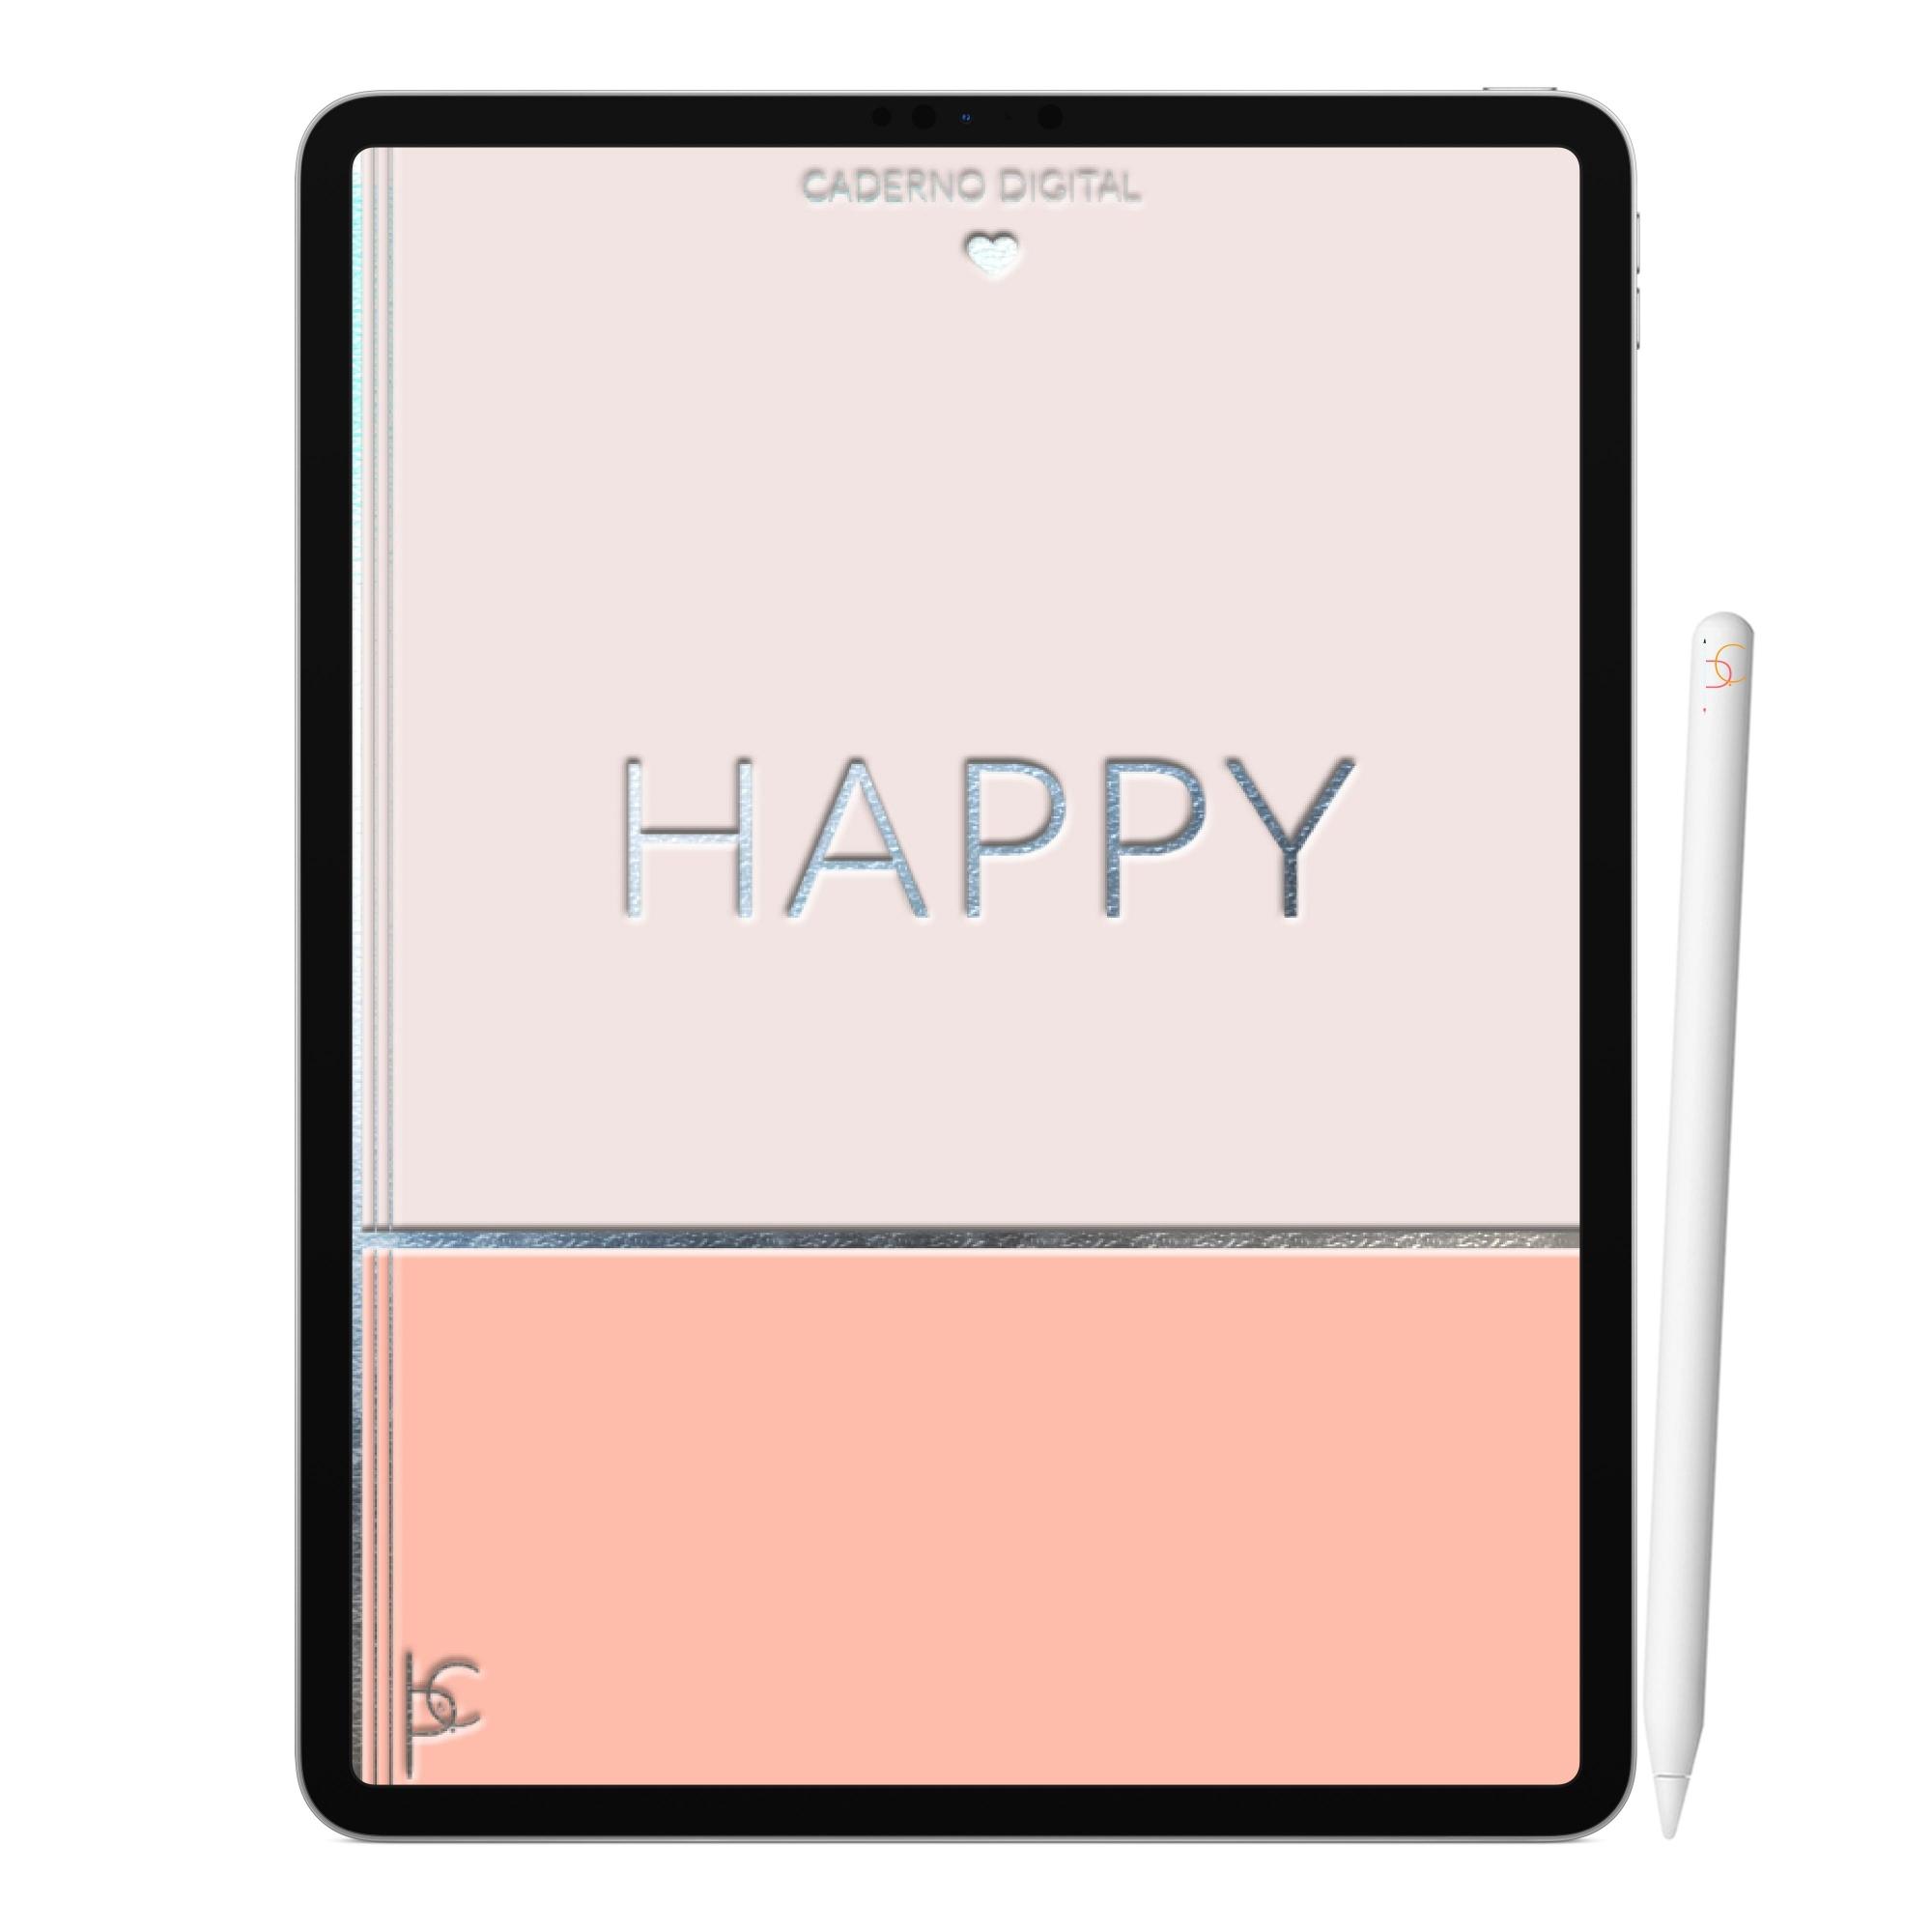 Caderno Digital Happy Feliz | Duas Matérias Interativo| iPad Tablet | Download Instantâneo